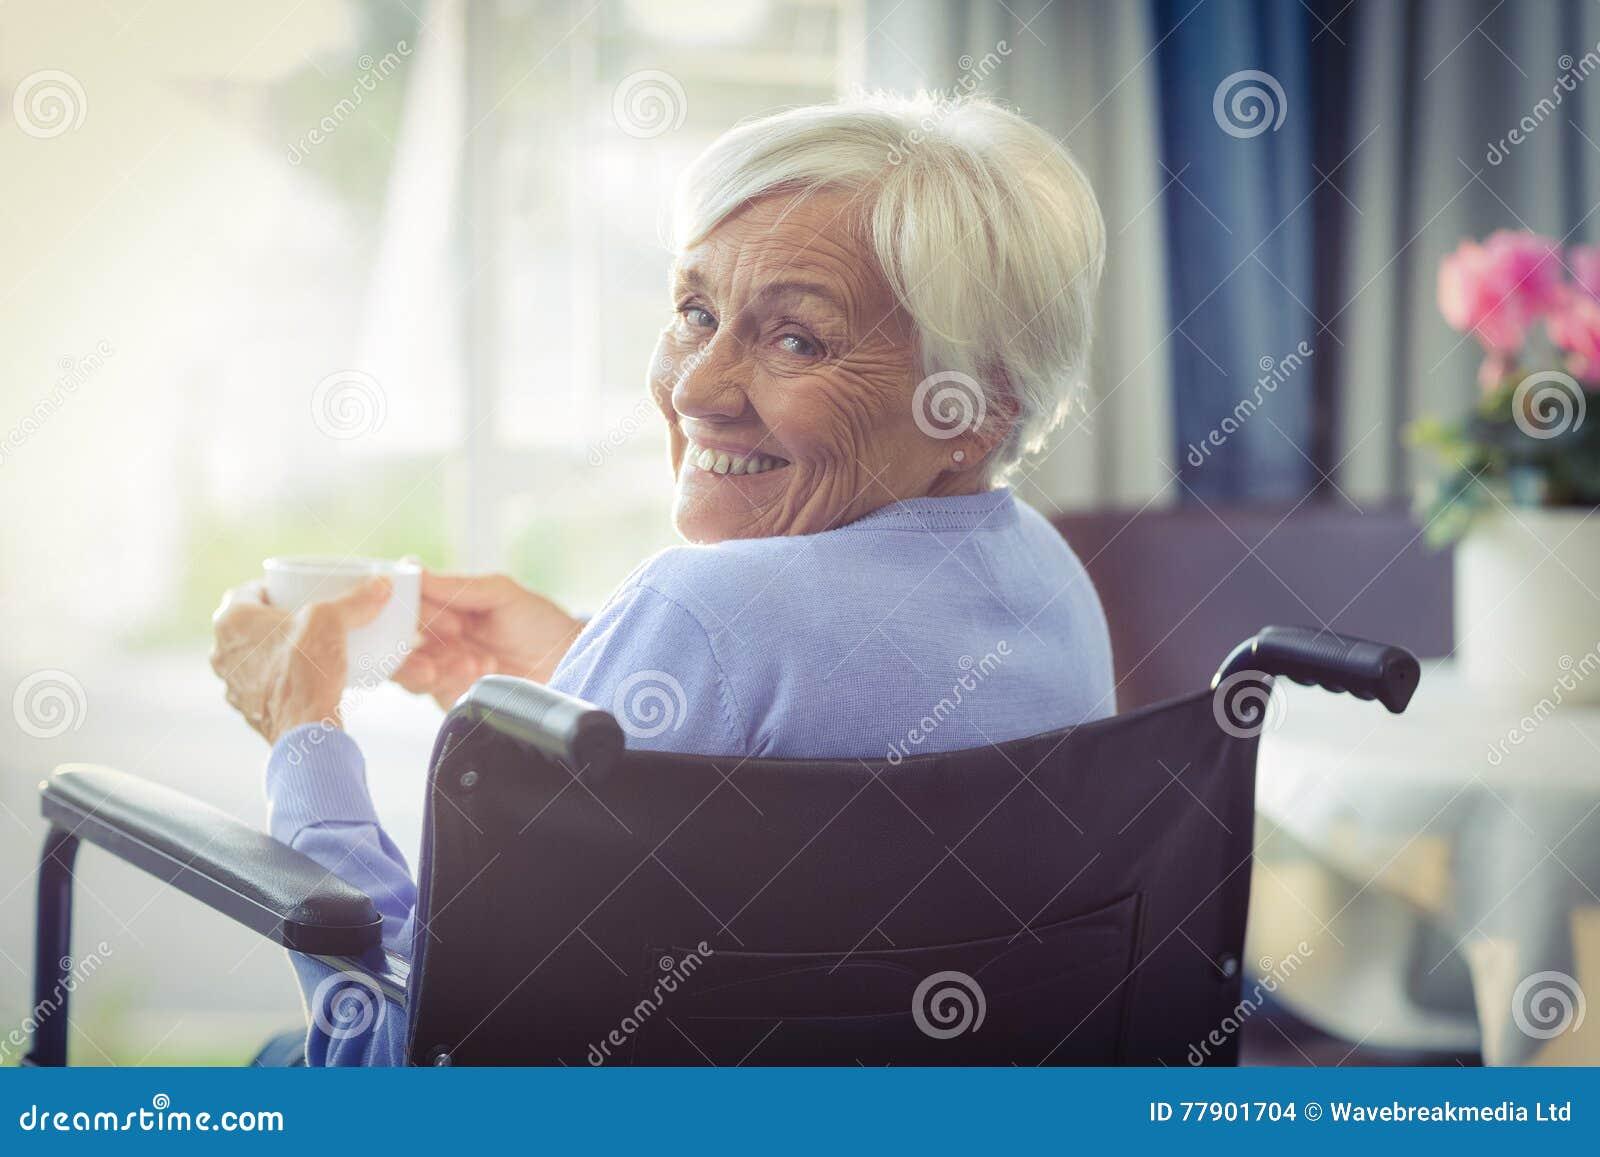 Glückliche ältere Frau auf dem Rollstuhl, der eine Tasse Tee hält